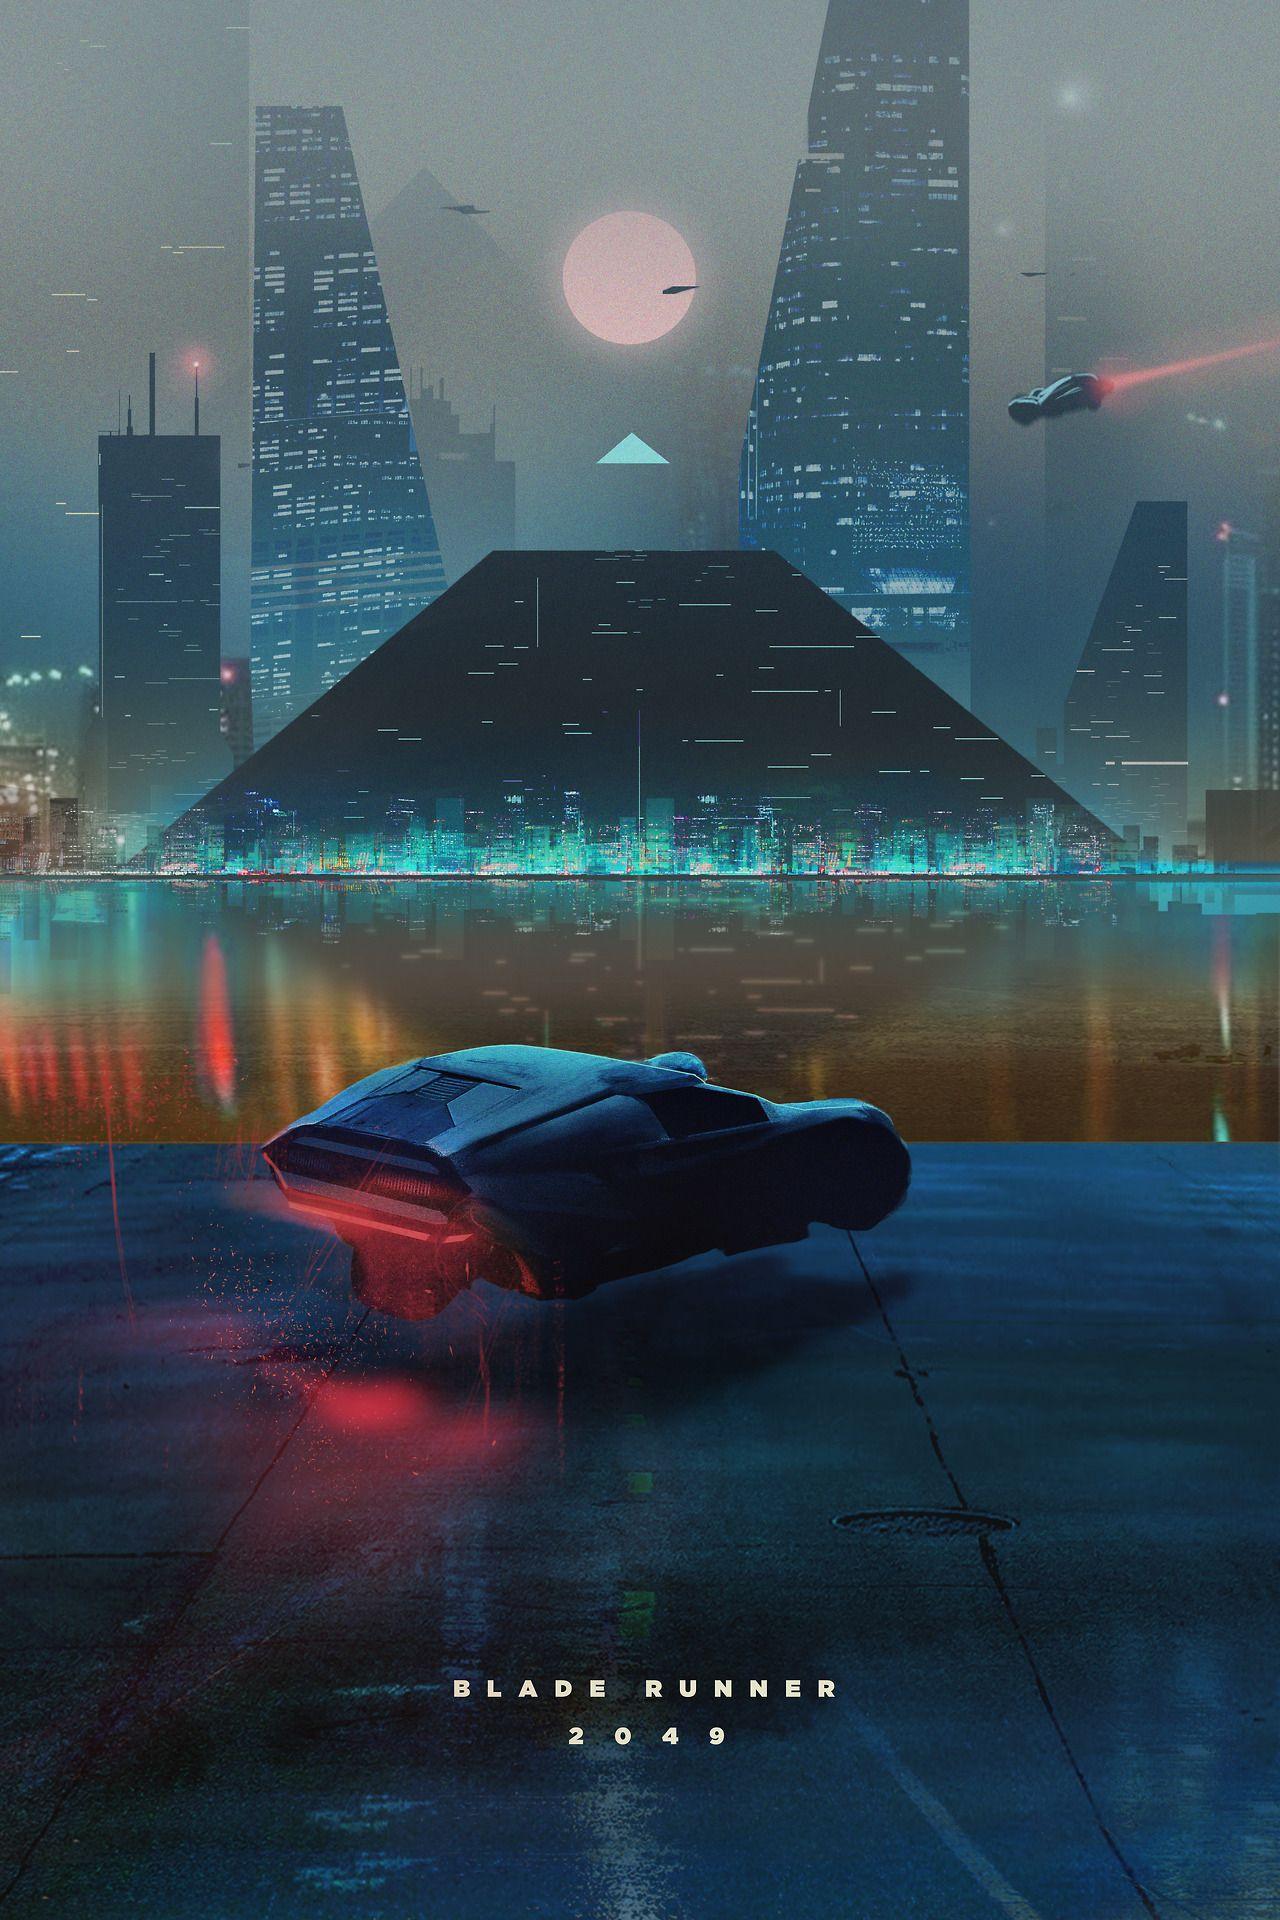 Blade Runner 2049 My Insta Al Mabb Blade Runner Movie Poster Art Cyberpunk Art